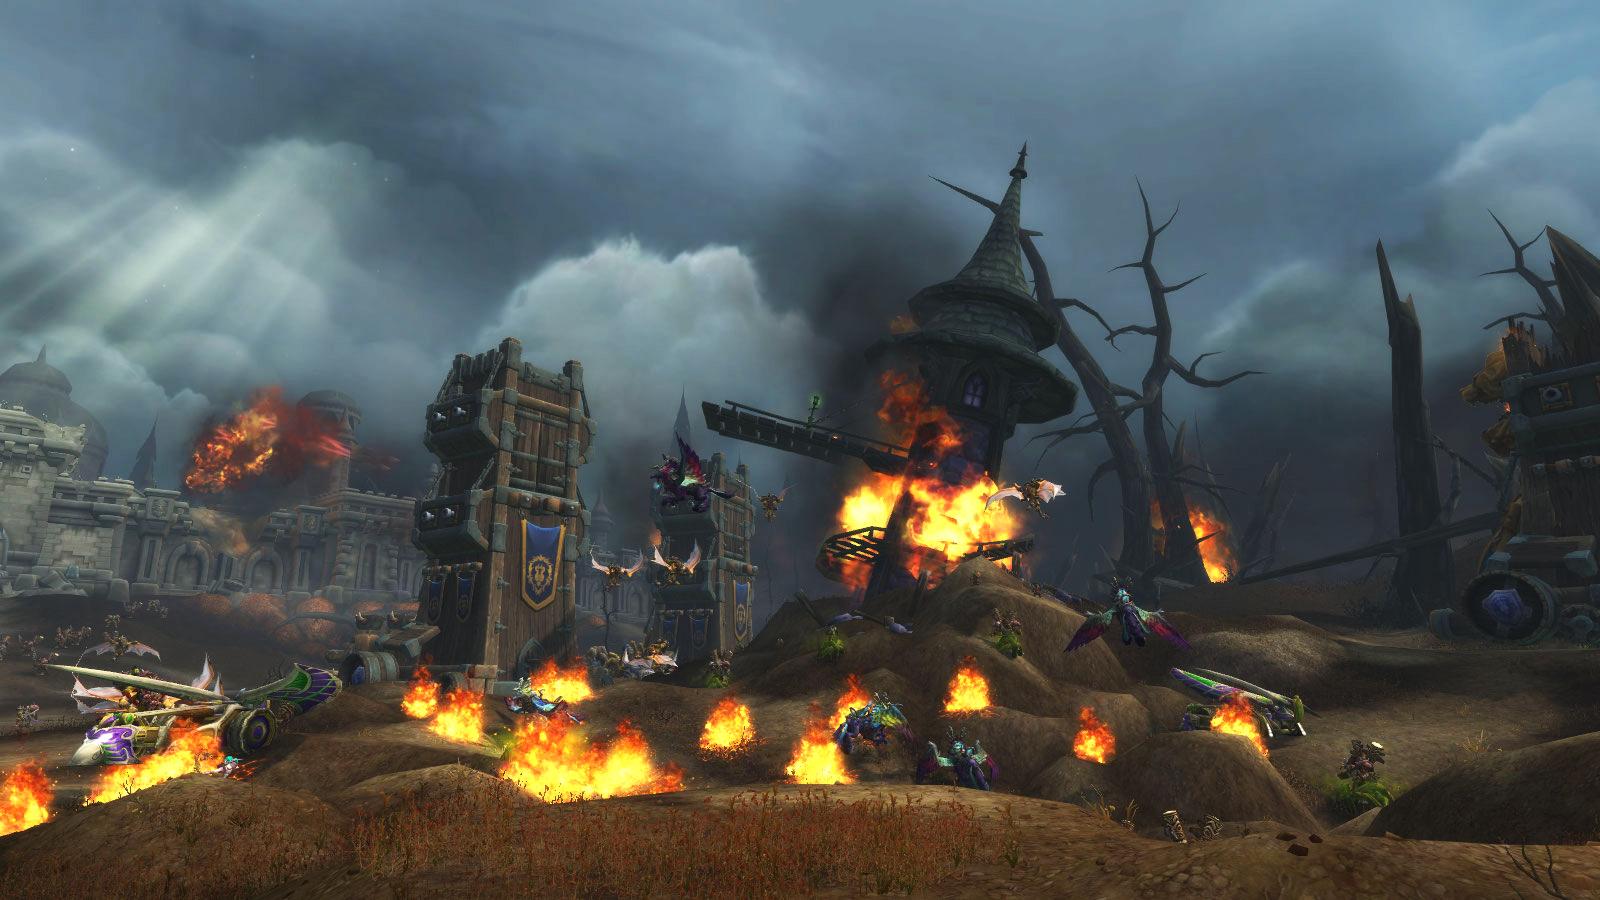 Brisez les défenses de la Horde afin d'accéder à Lordaeron